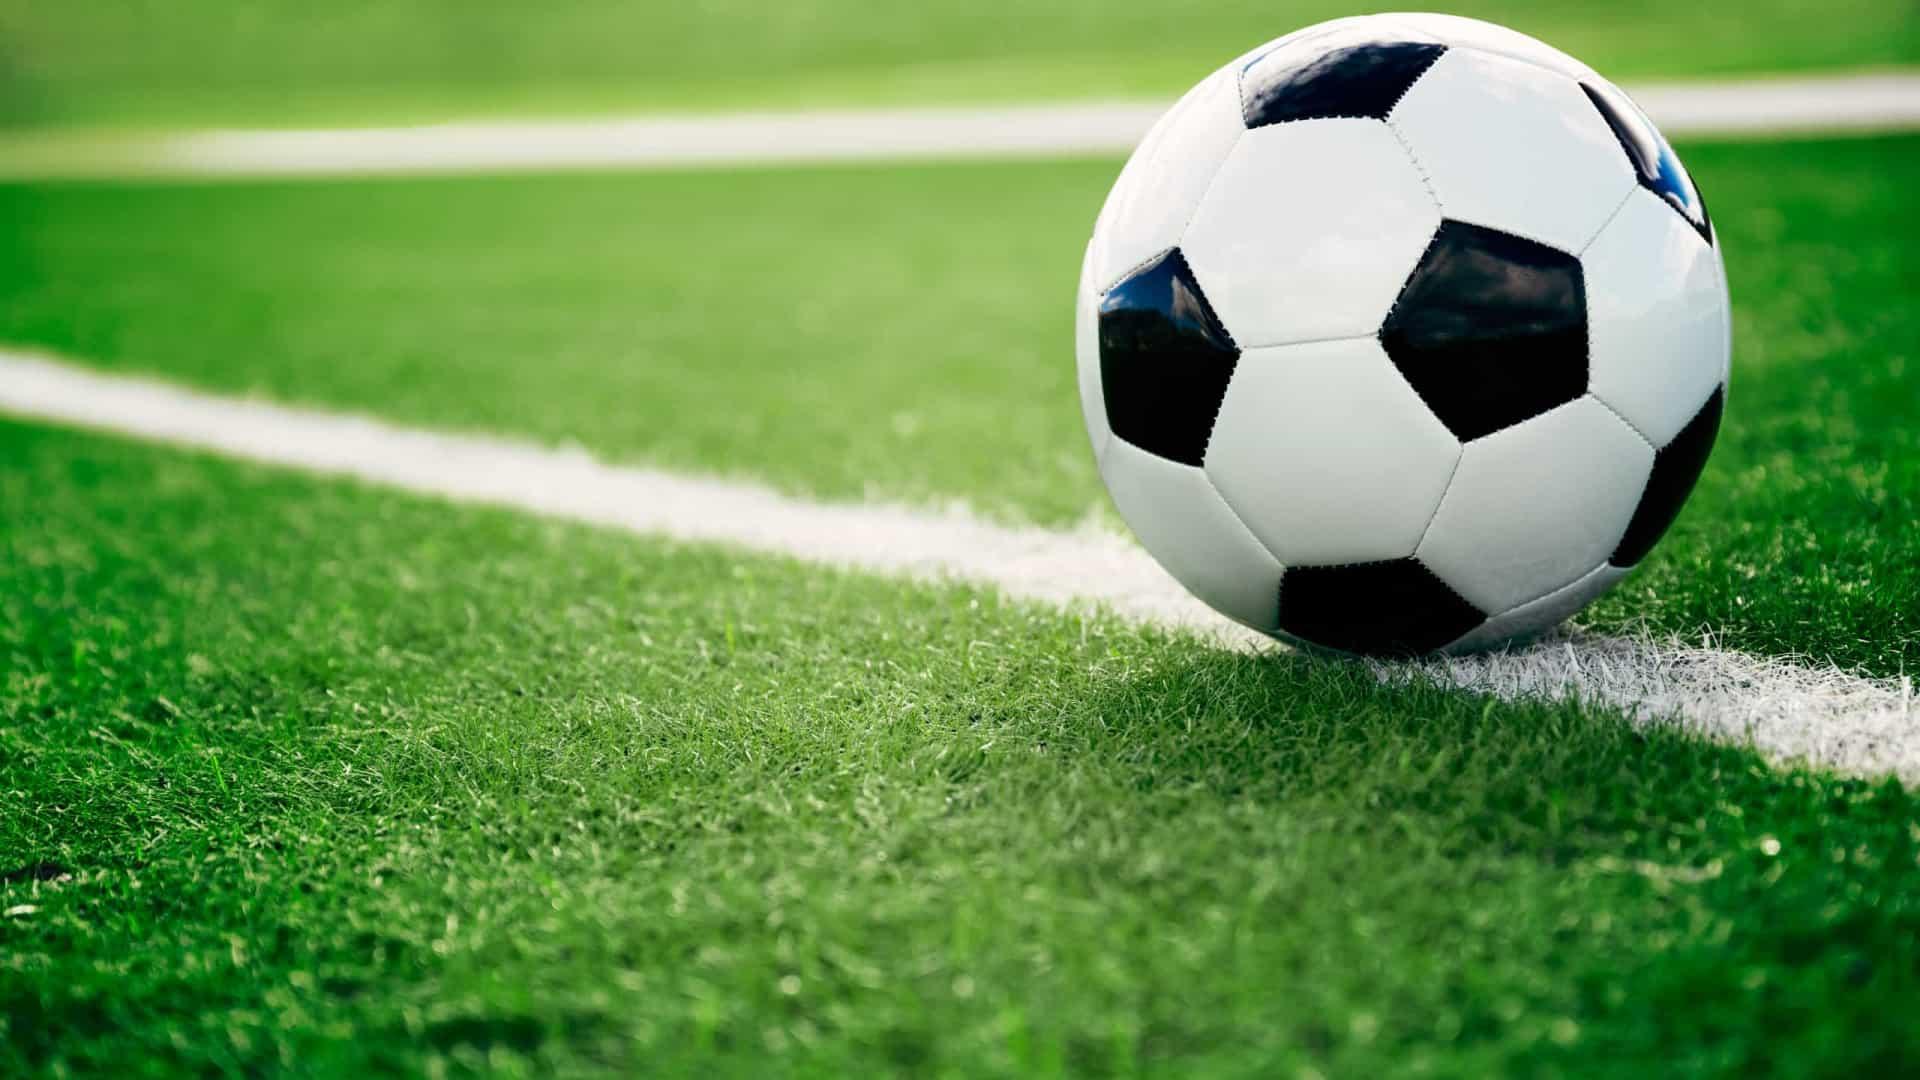 naom 5feb0fc1b39a4 - CBF divulga tabela das oitavas da Copa do Brasil; Flu abre fase no dia 27/07; confira